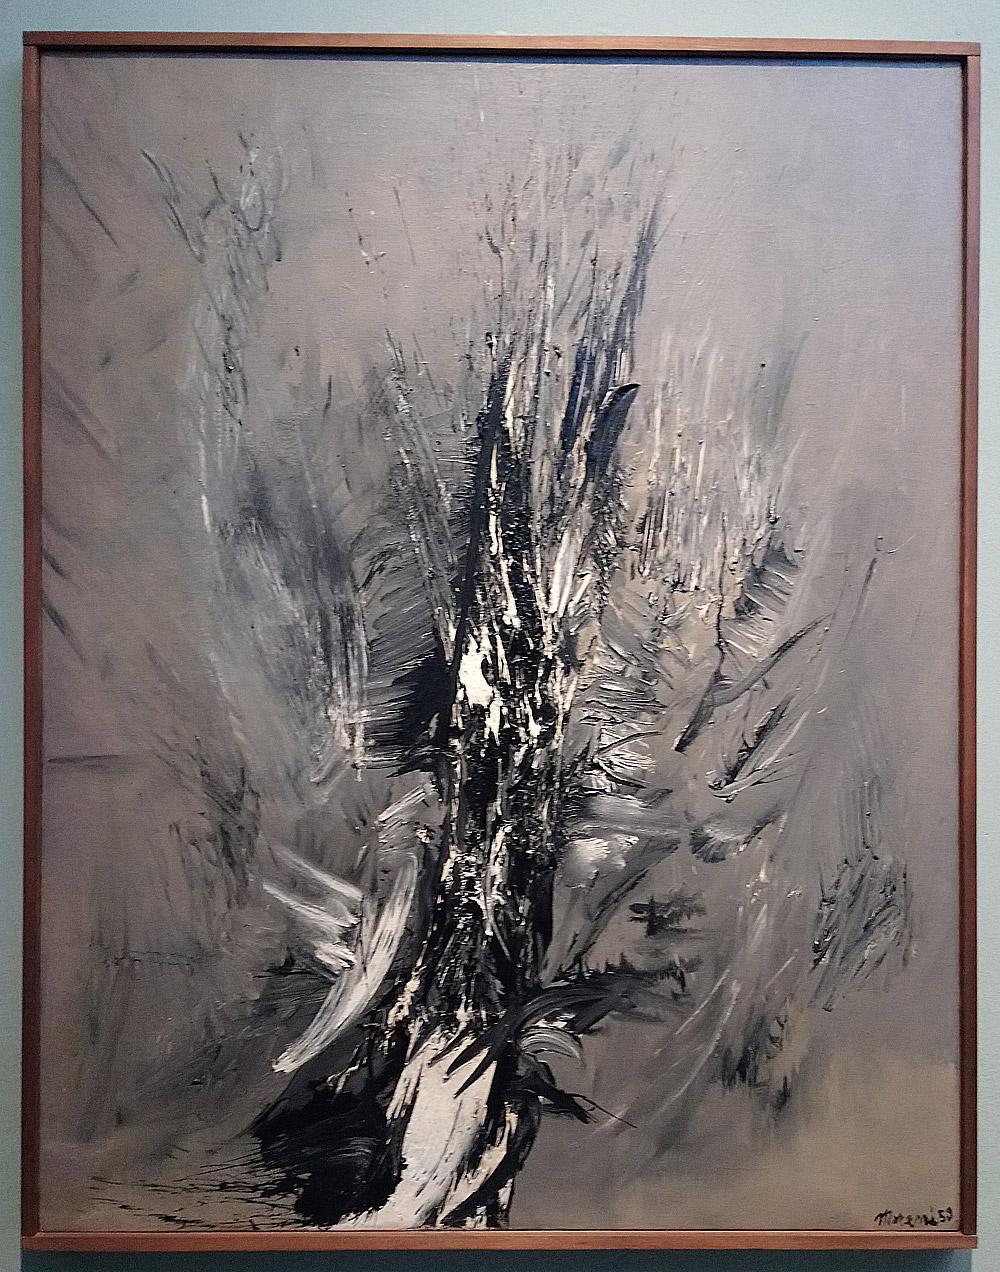 Mattia Moreni, Sole e rovo (1956; olio su tela, 170 x 100 cm; Collezione privata)